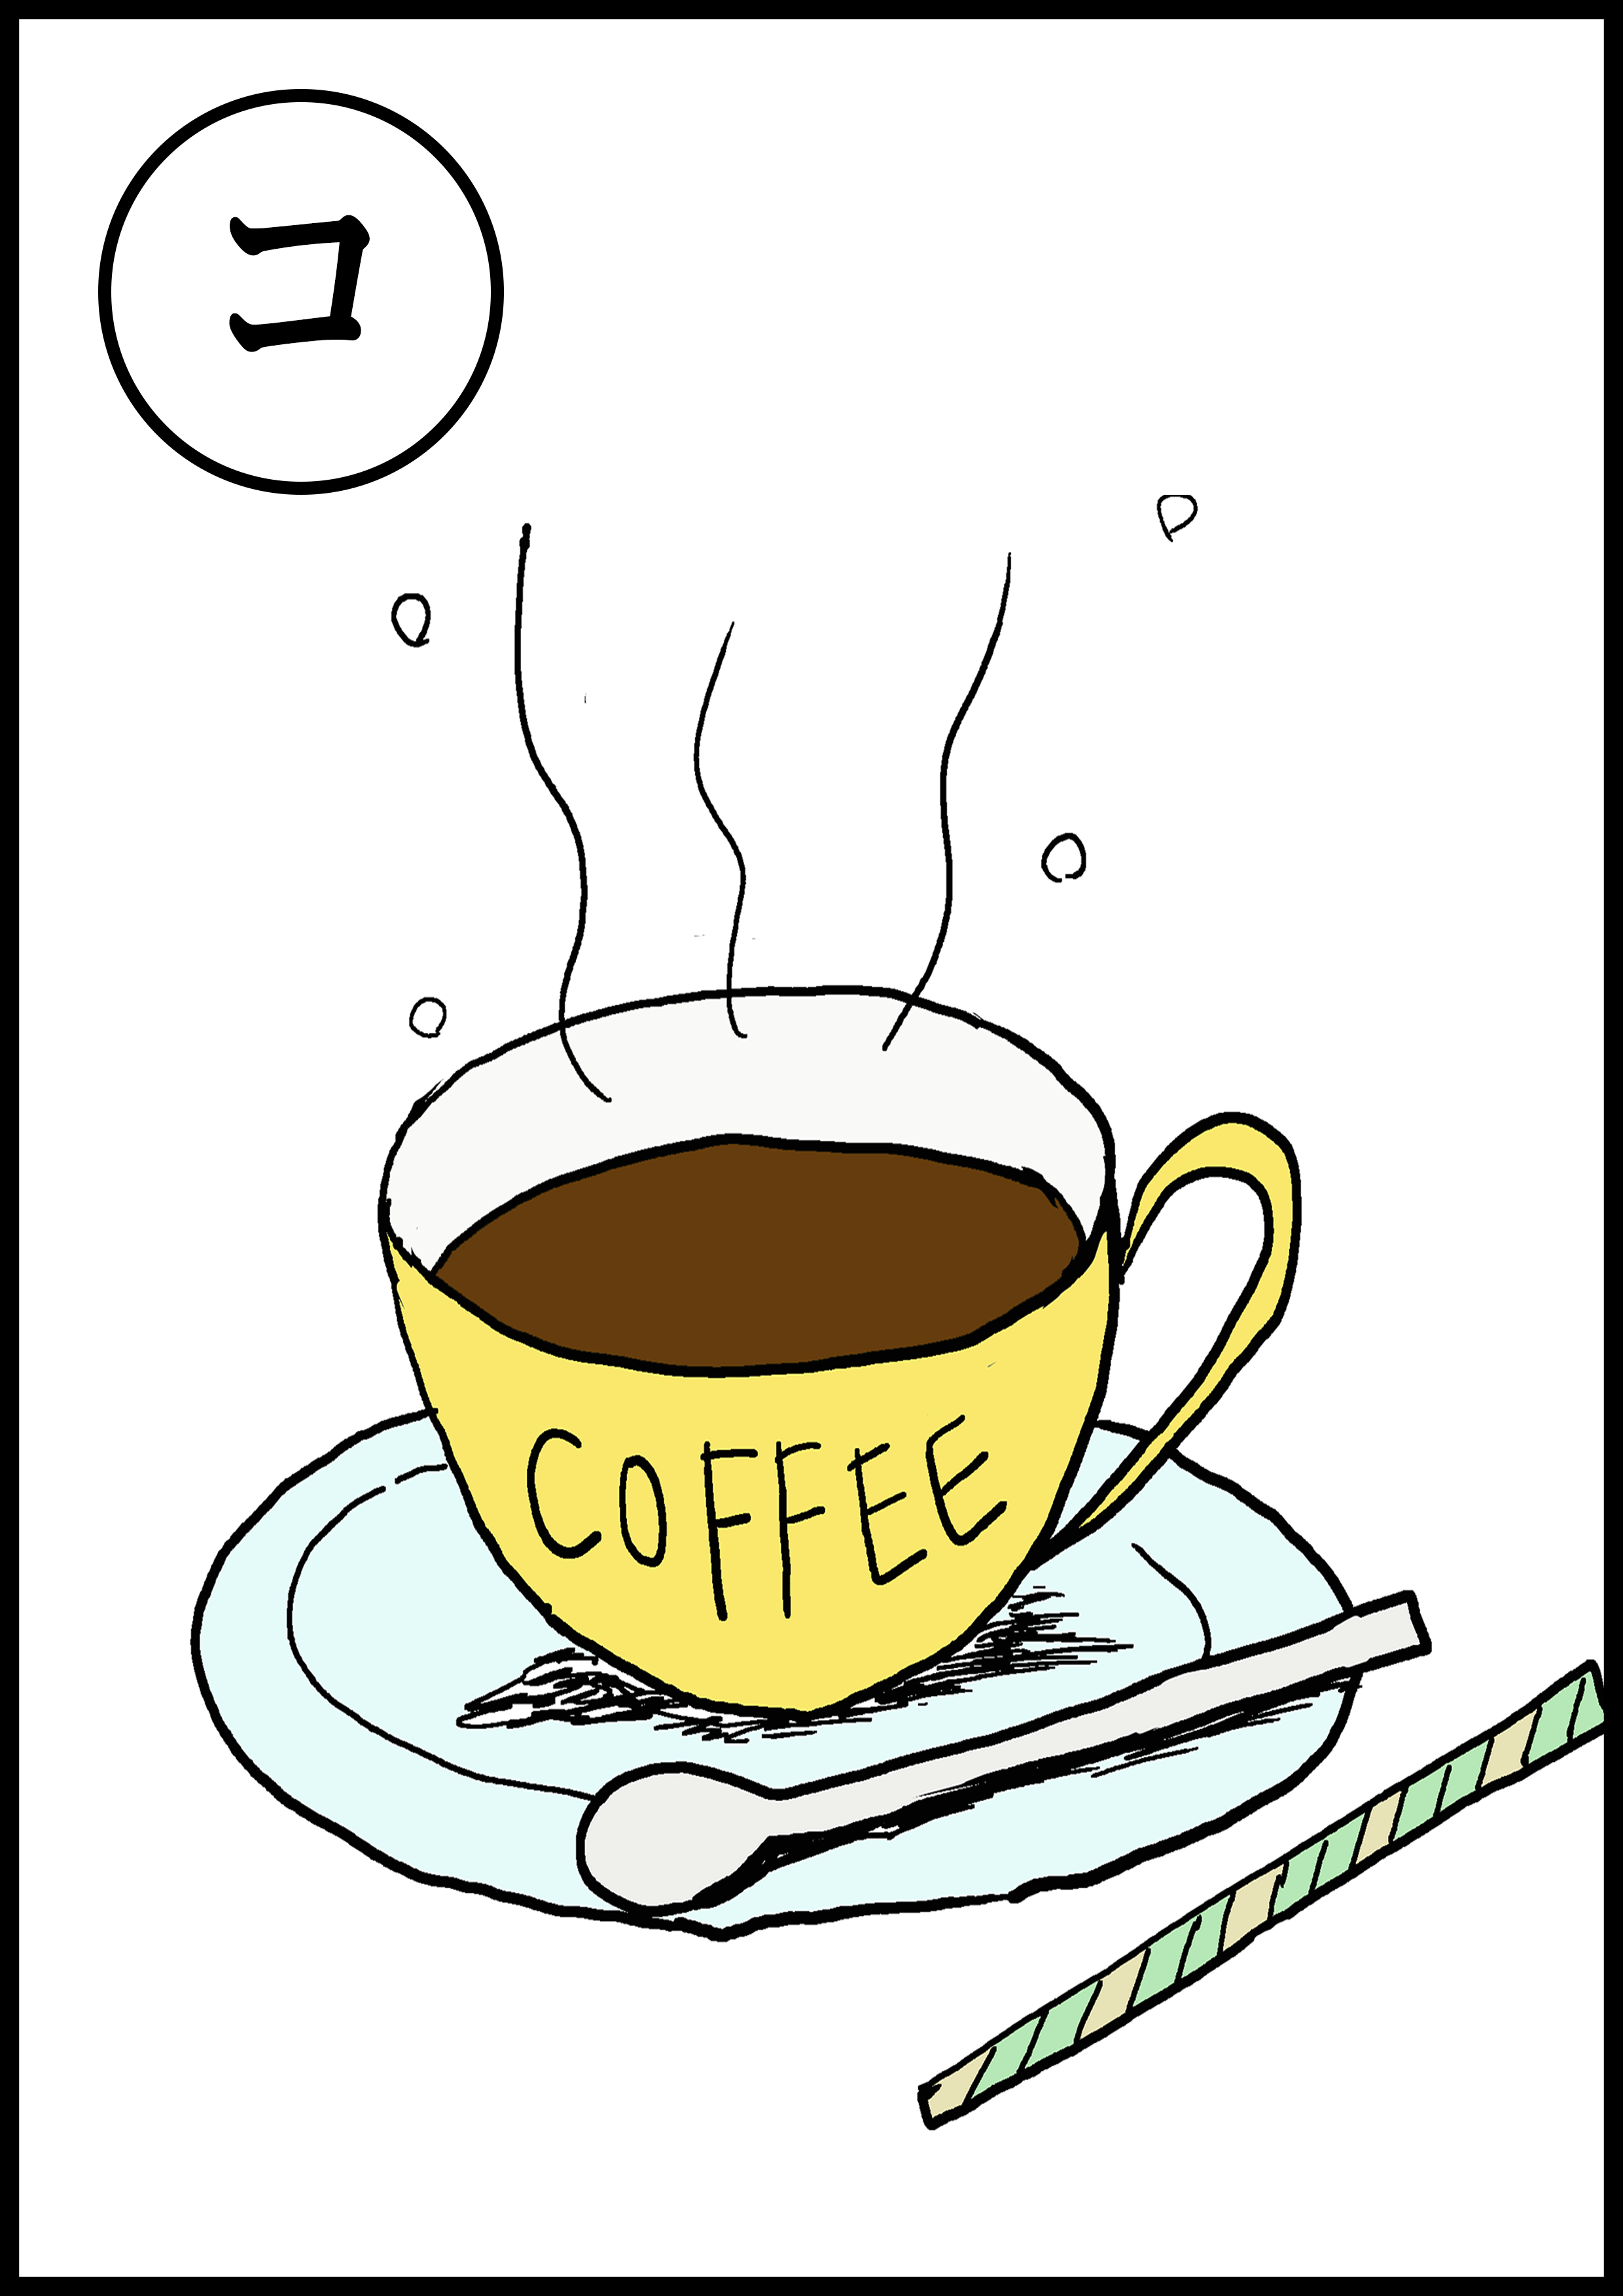 カルタイラスト【コーヒー】